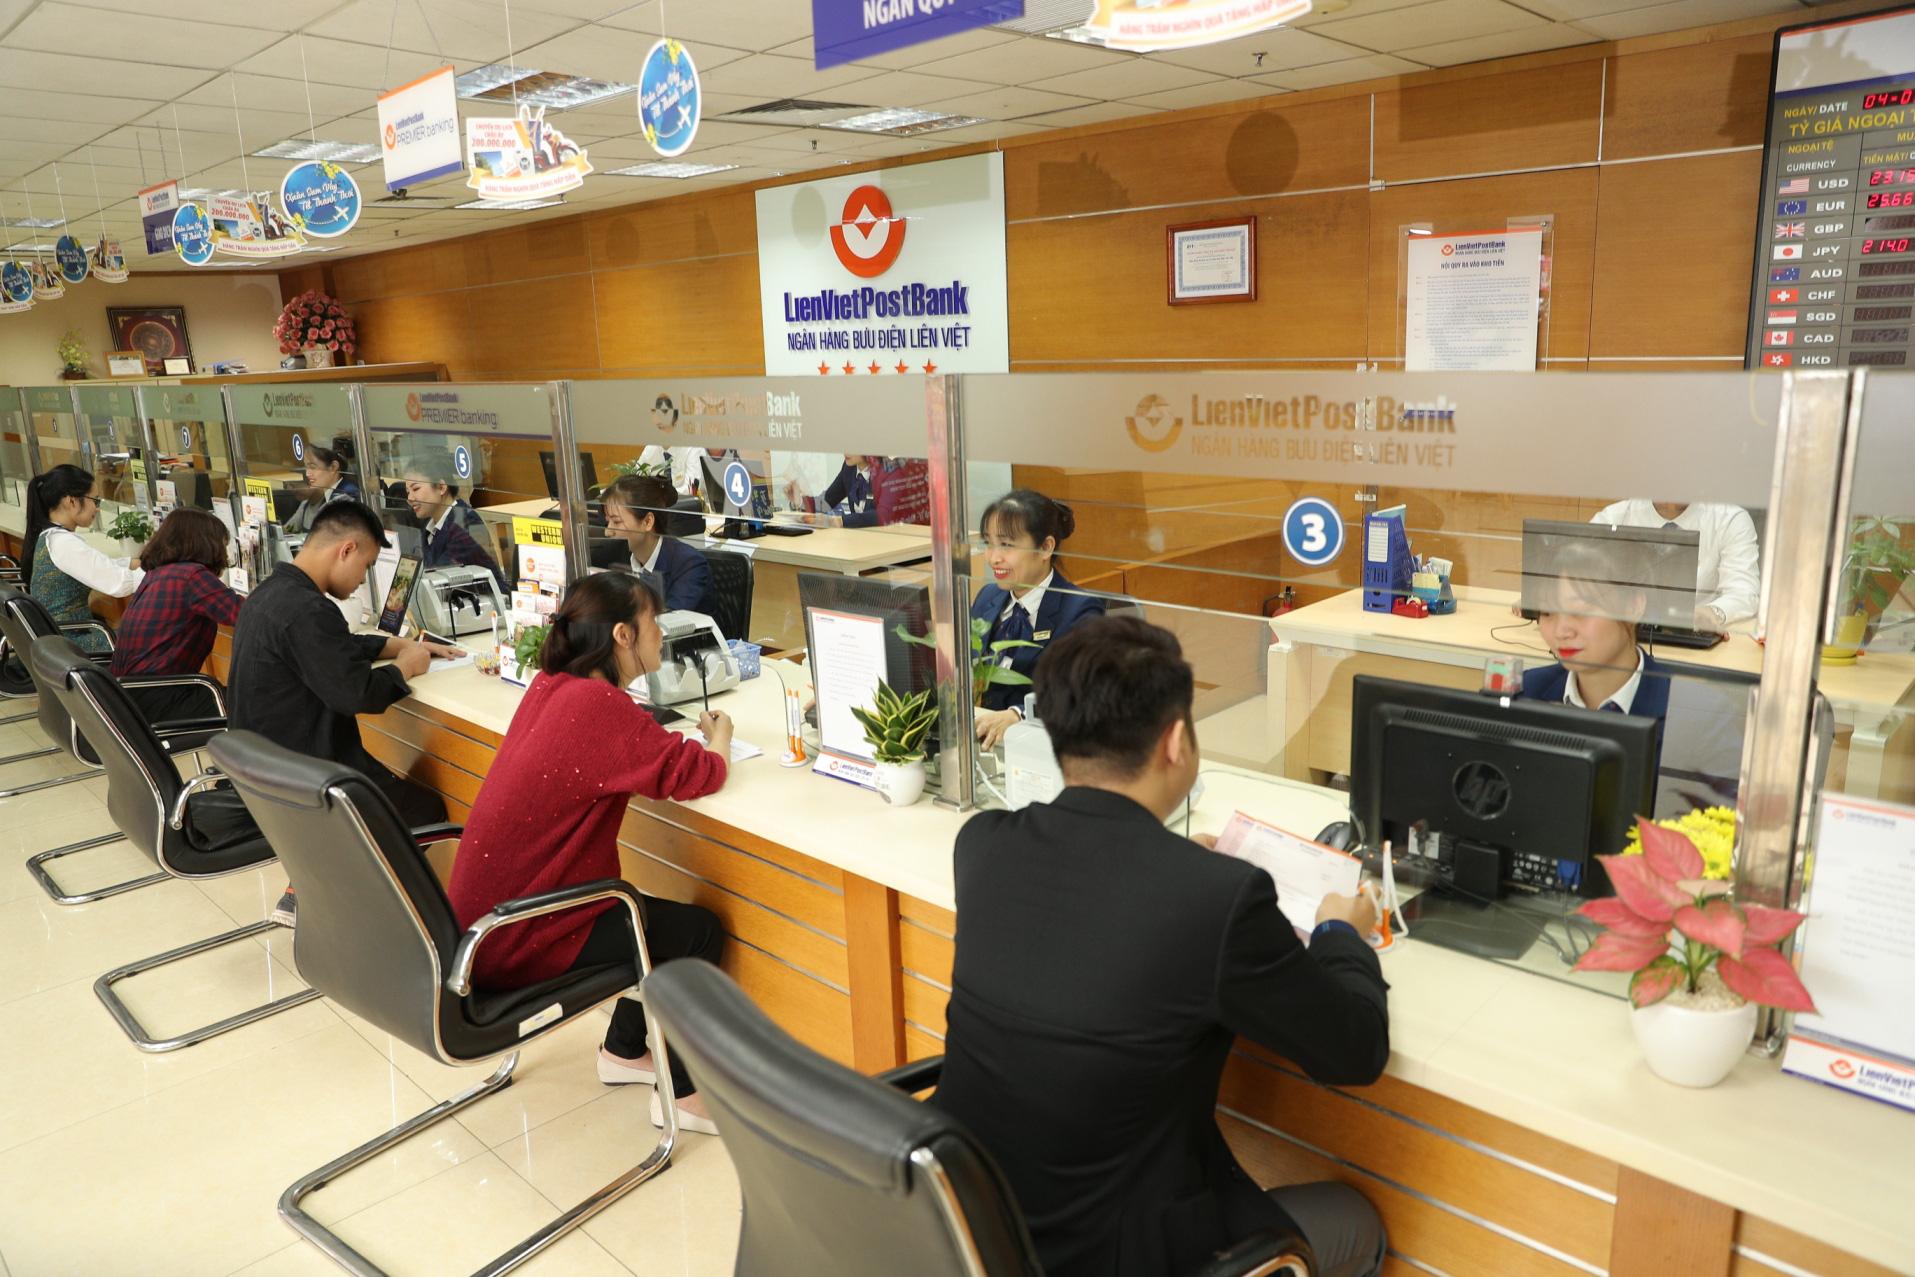 LienVietPostBank tung gói hỗ trợ 10.000 tỉ đồng, giảm lãi suất cho vay đối với khách hàng bị ảnh hưởng bởi dịch COVID-19 - Ảnh 1.